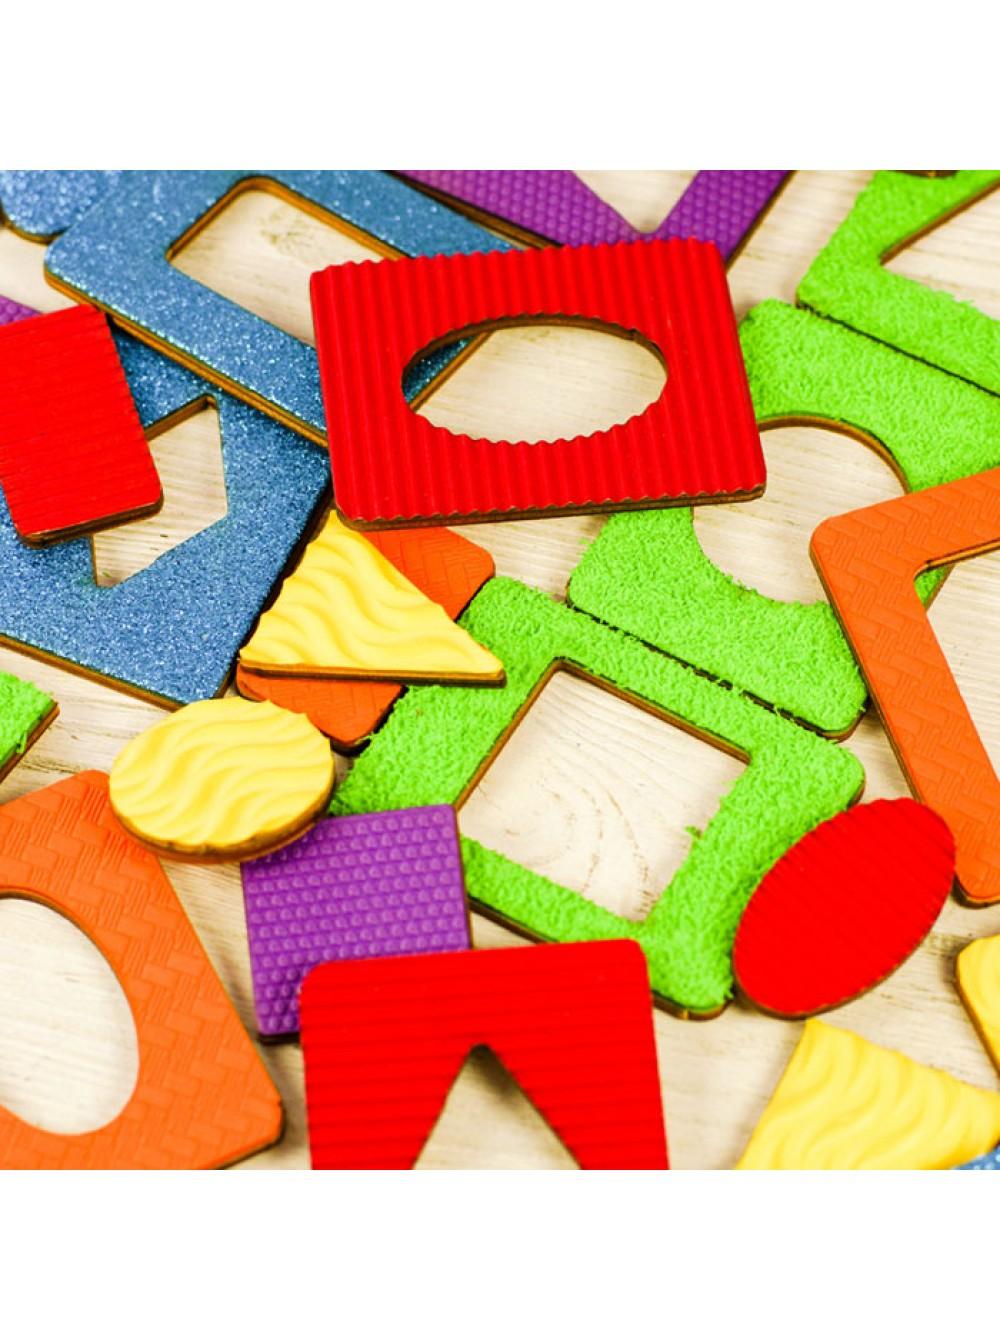 Чудо-куб Сенсорика Агамс 0355